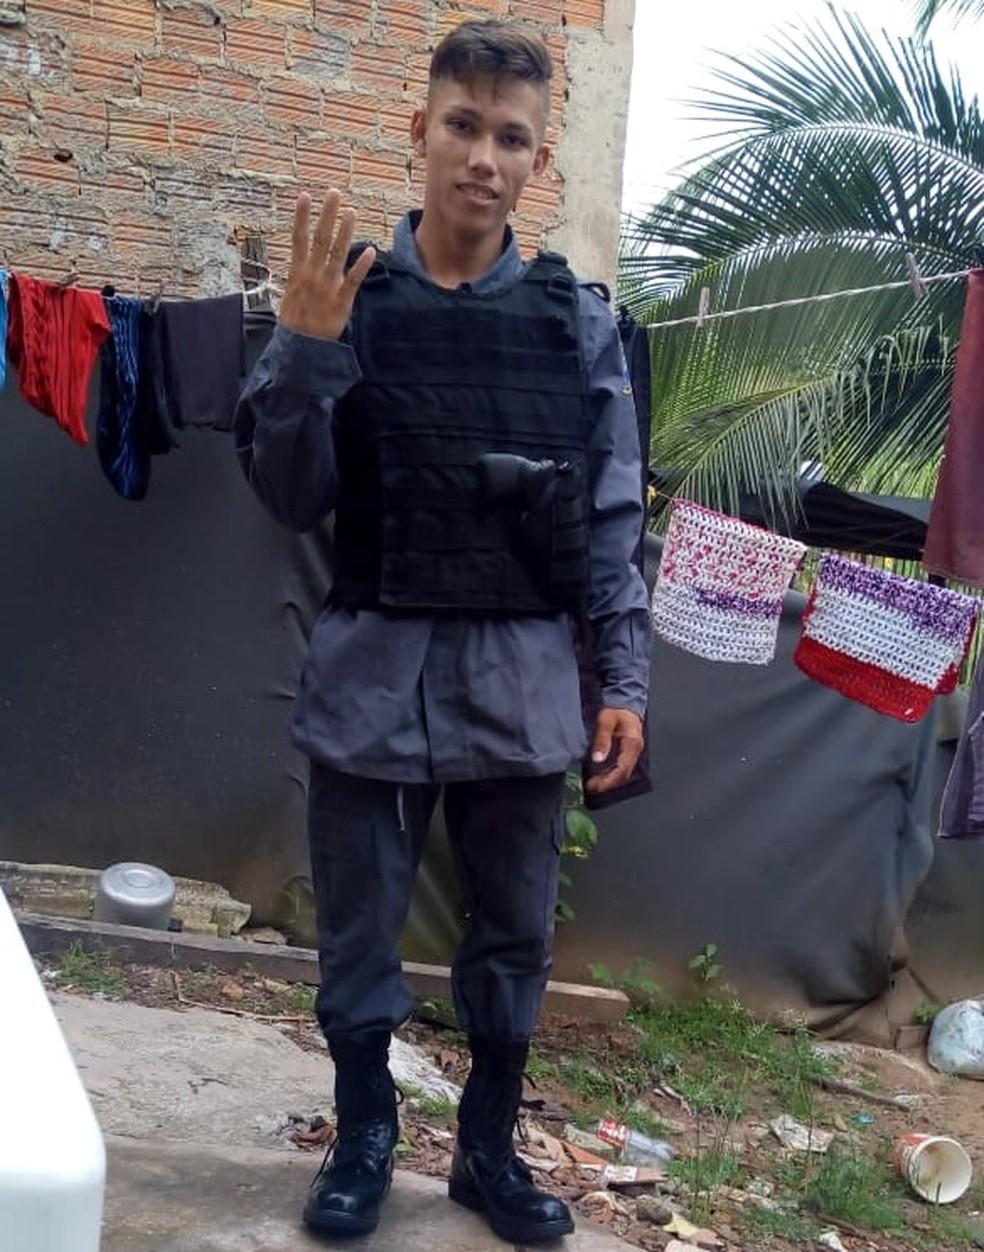 A Polícia Militar diz que José Wellington não é PM e tem passagens por tráfico e associação criminosa — Foto: Divulgação/Polícia Militar